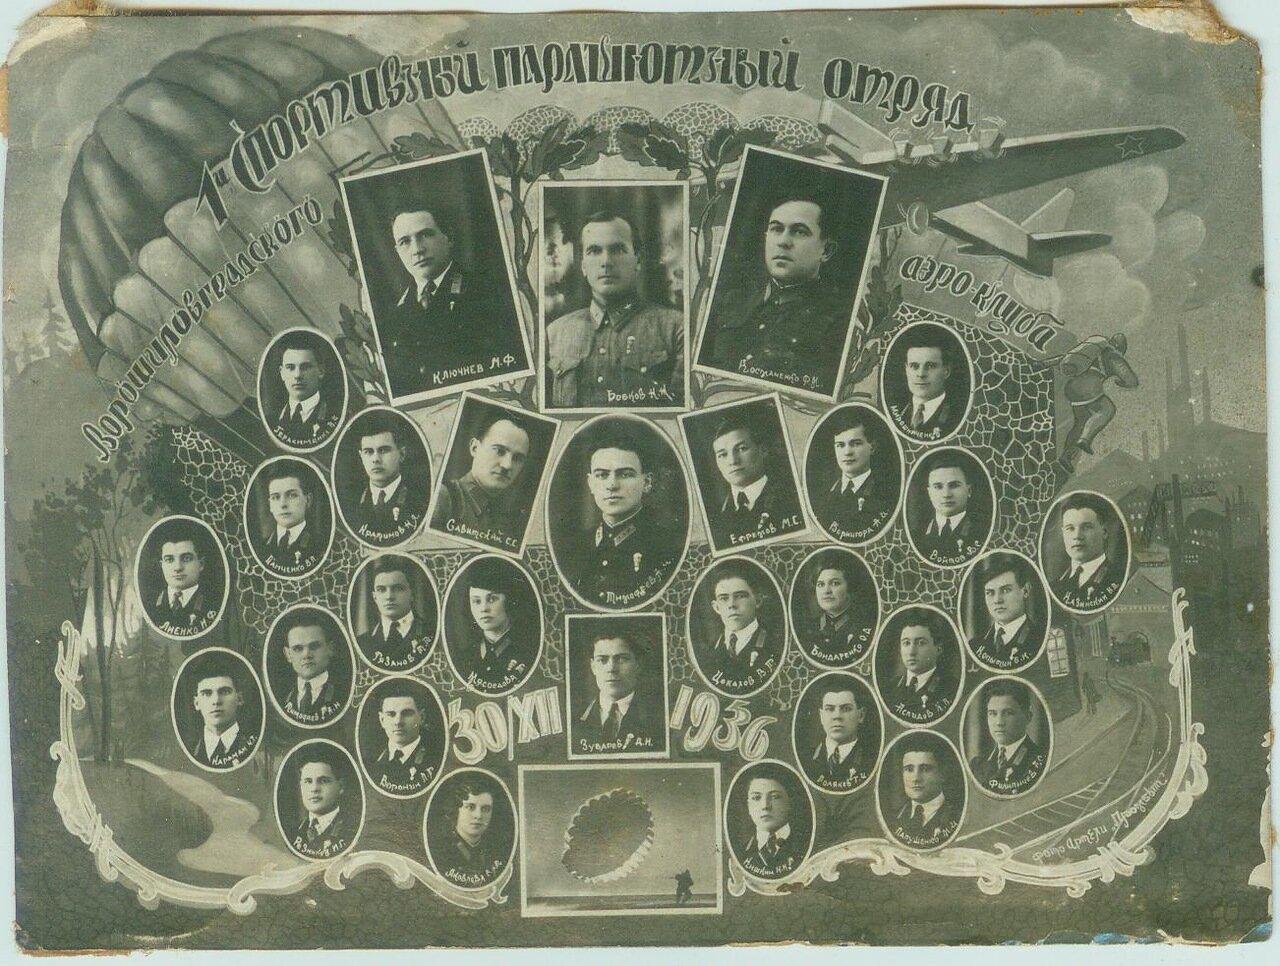 1936. Ворошиловград. 1 Спортивный Парашютный отряд